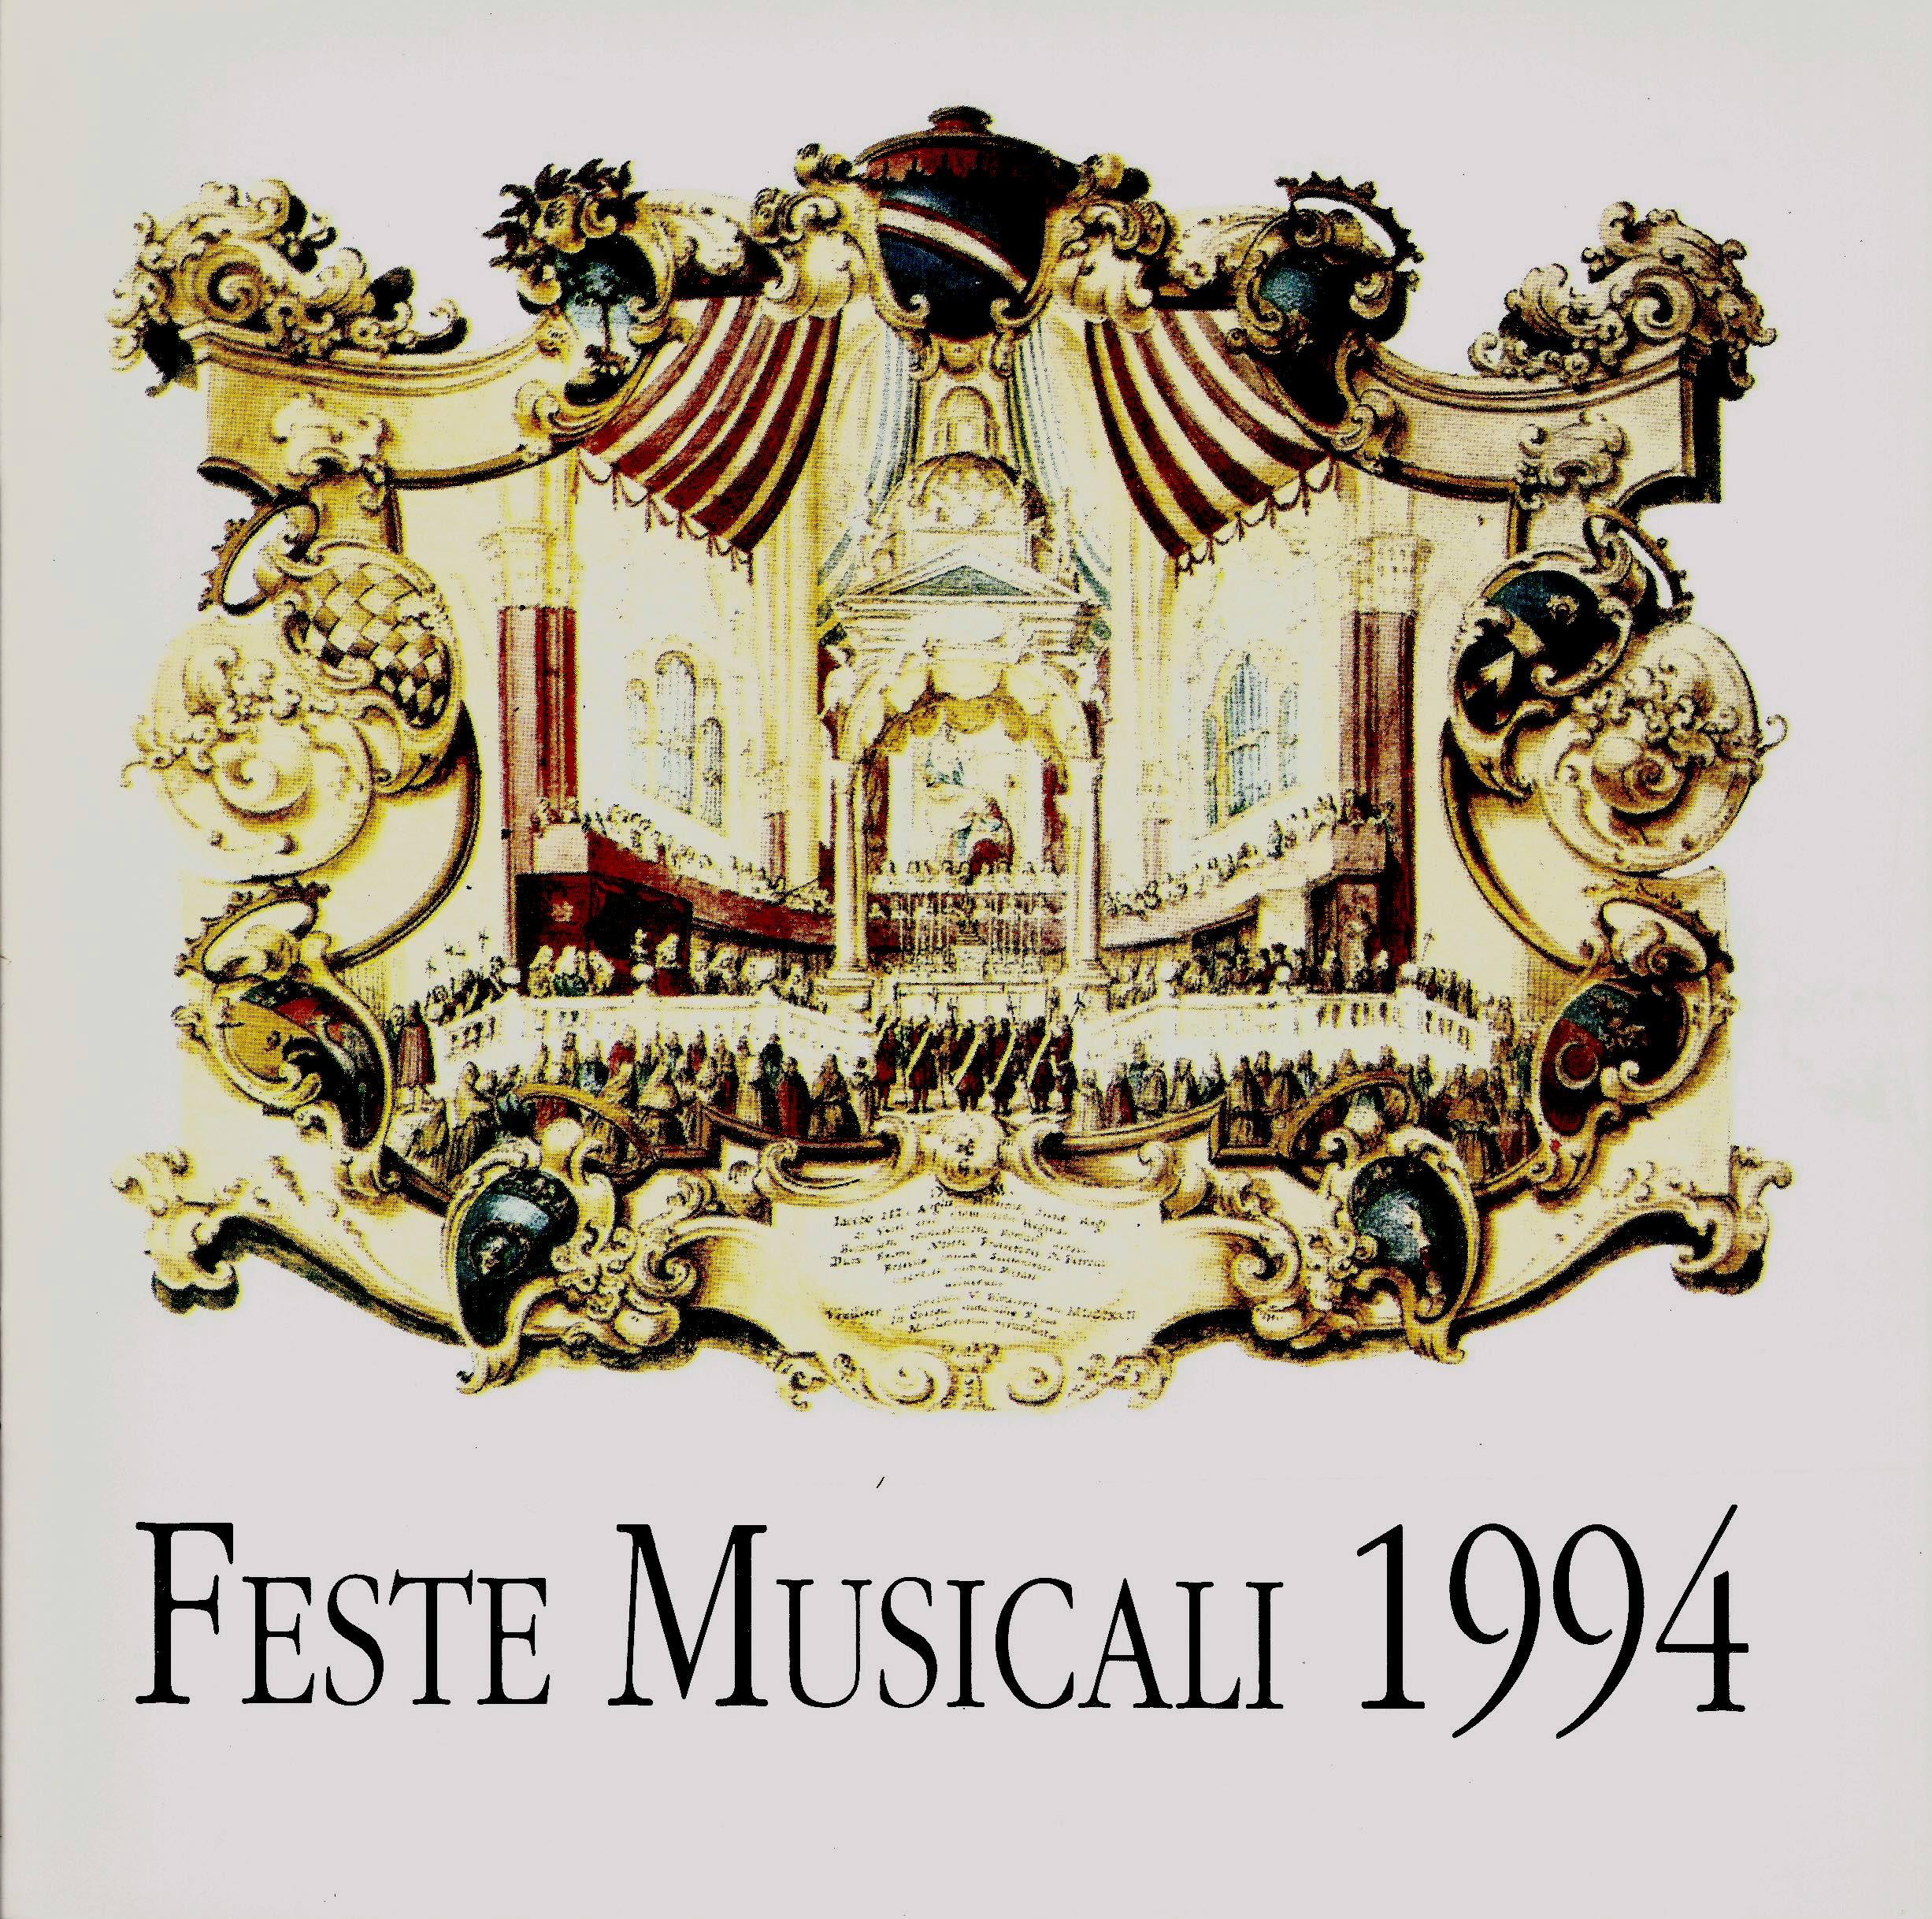 BOLOGNA, FESTE MUSICALI 1994. ALBERTO CAPRIOLI, DITTICO BACIATO